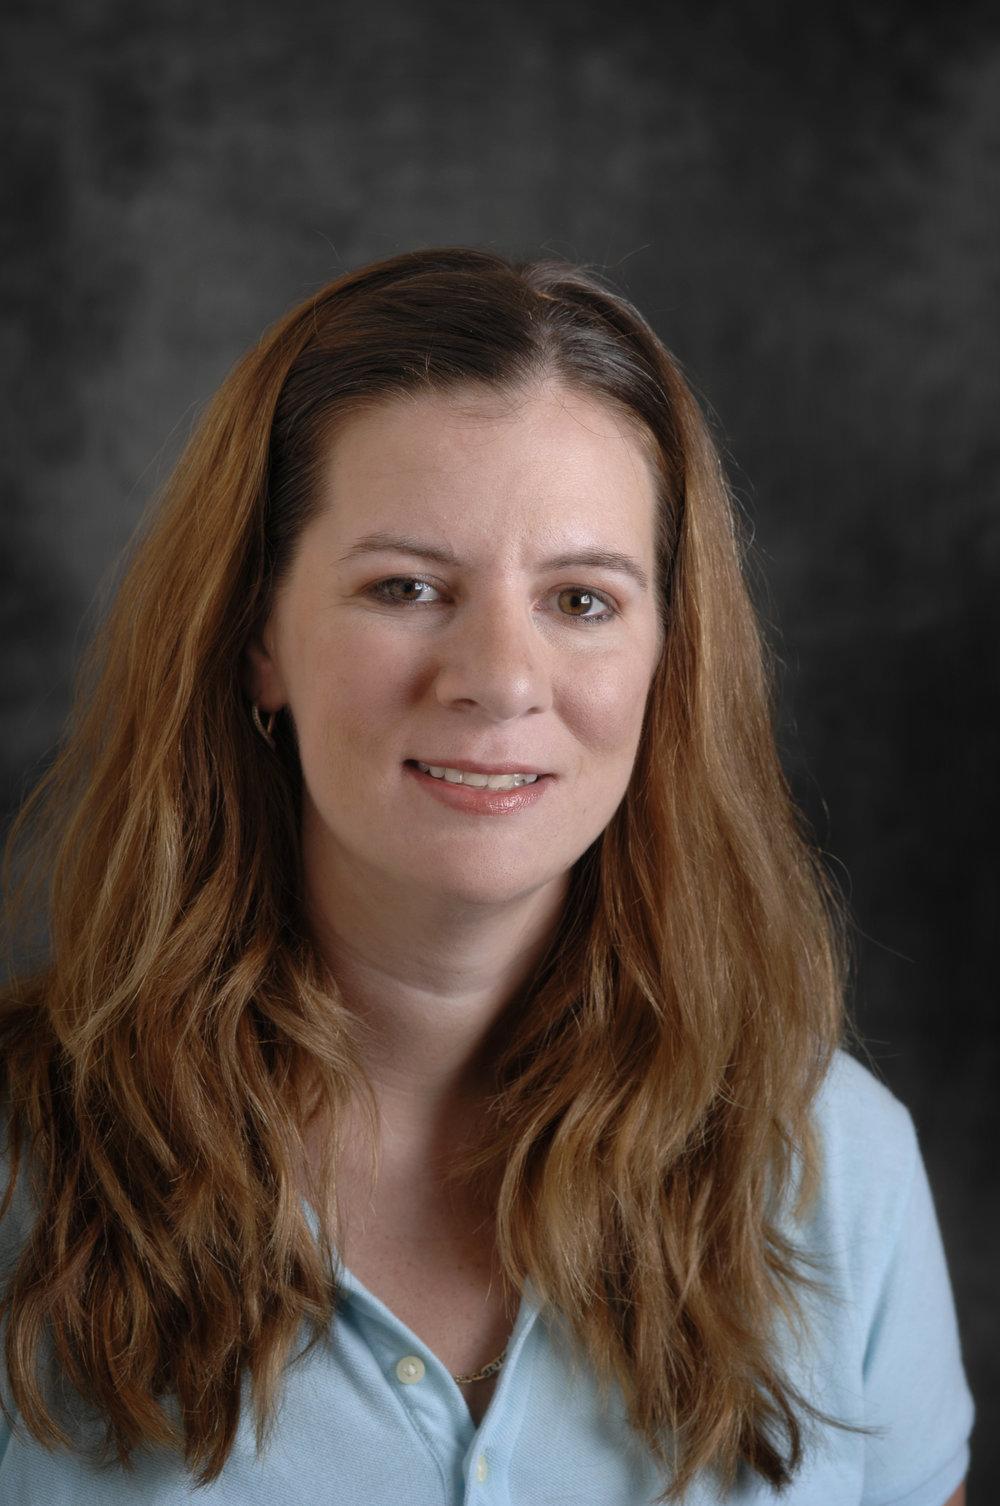 Carrie Schulz, Treasurer